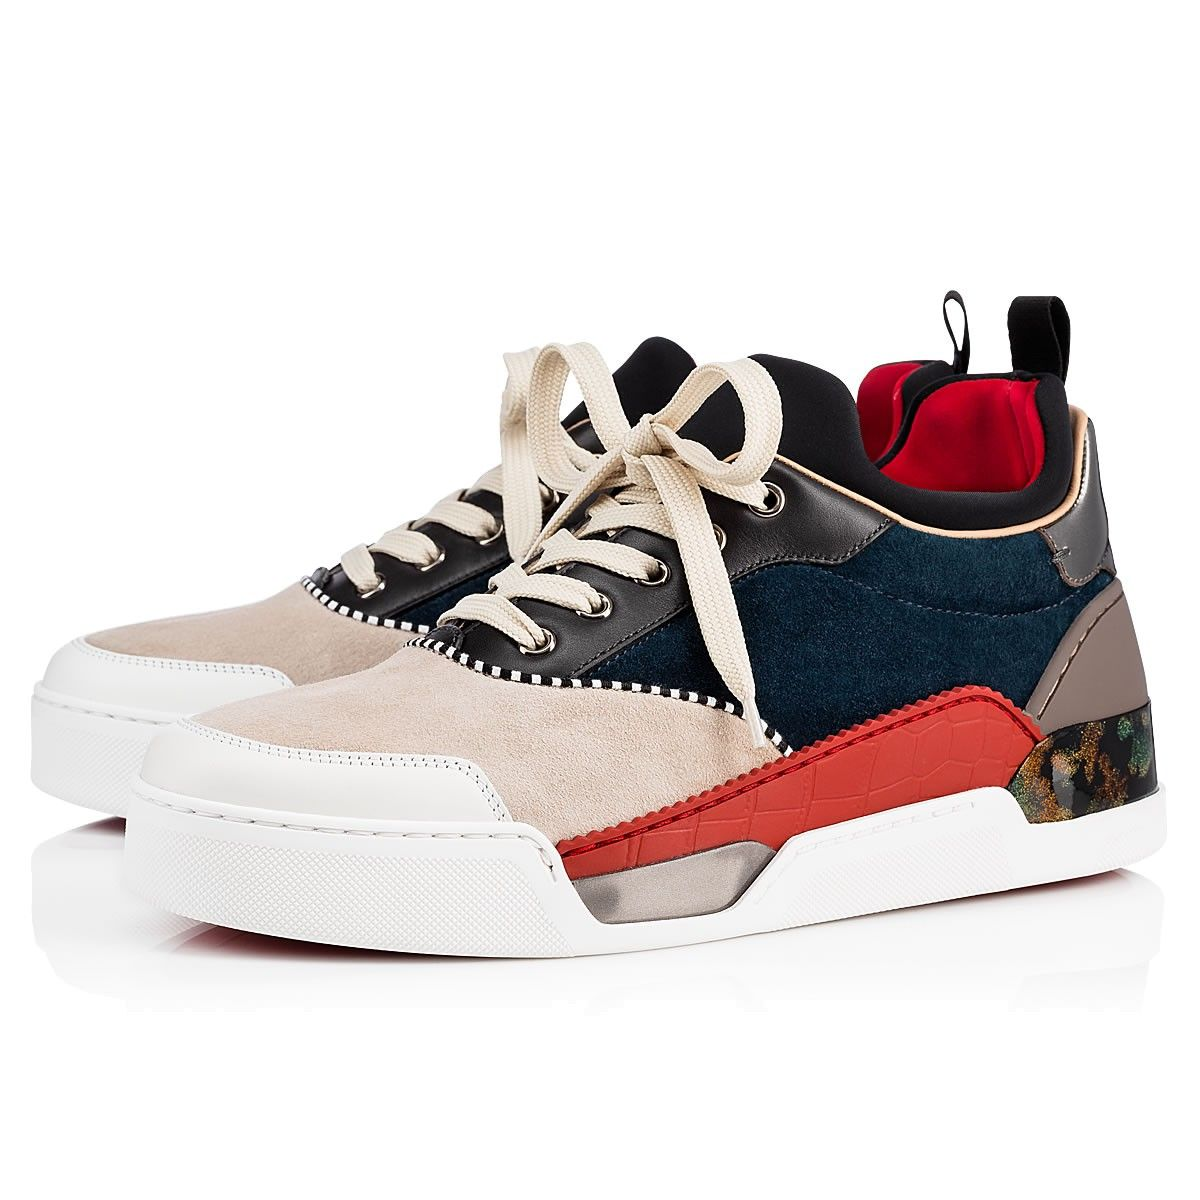 Aurelien Flat Version Multi Patent Leather - Men Shoes - Christian Louboutin c8a30562cc0